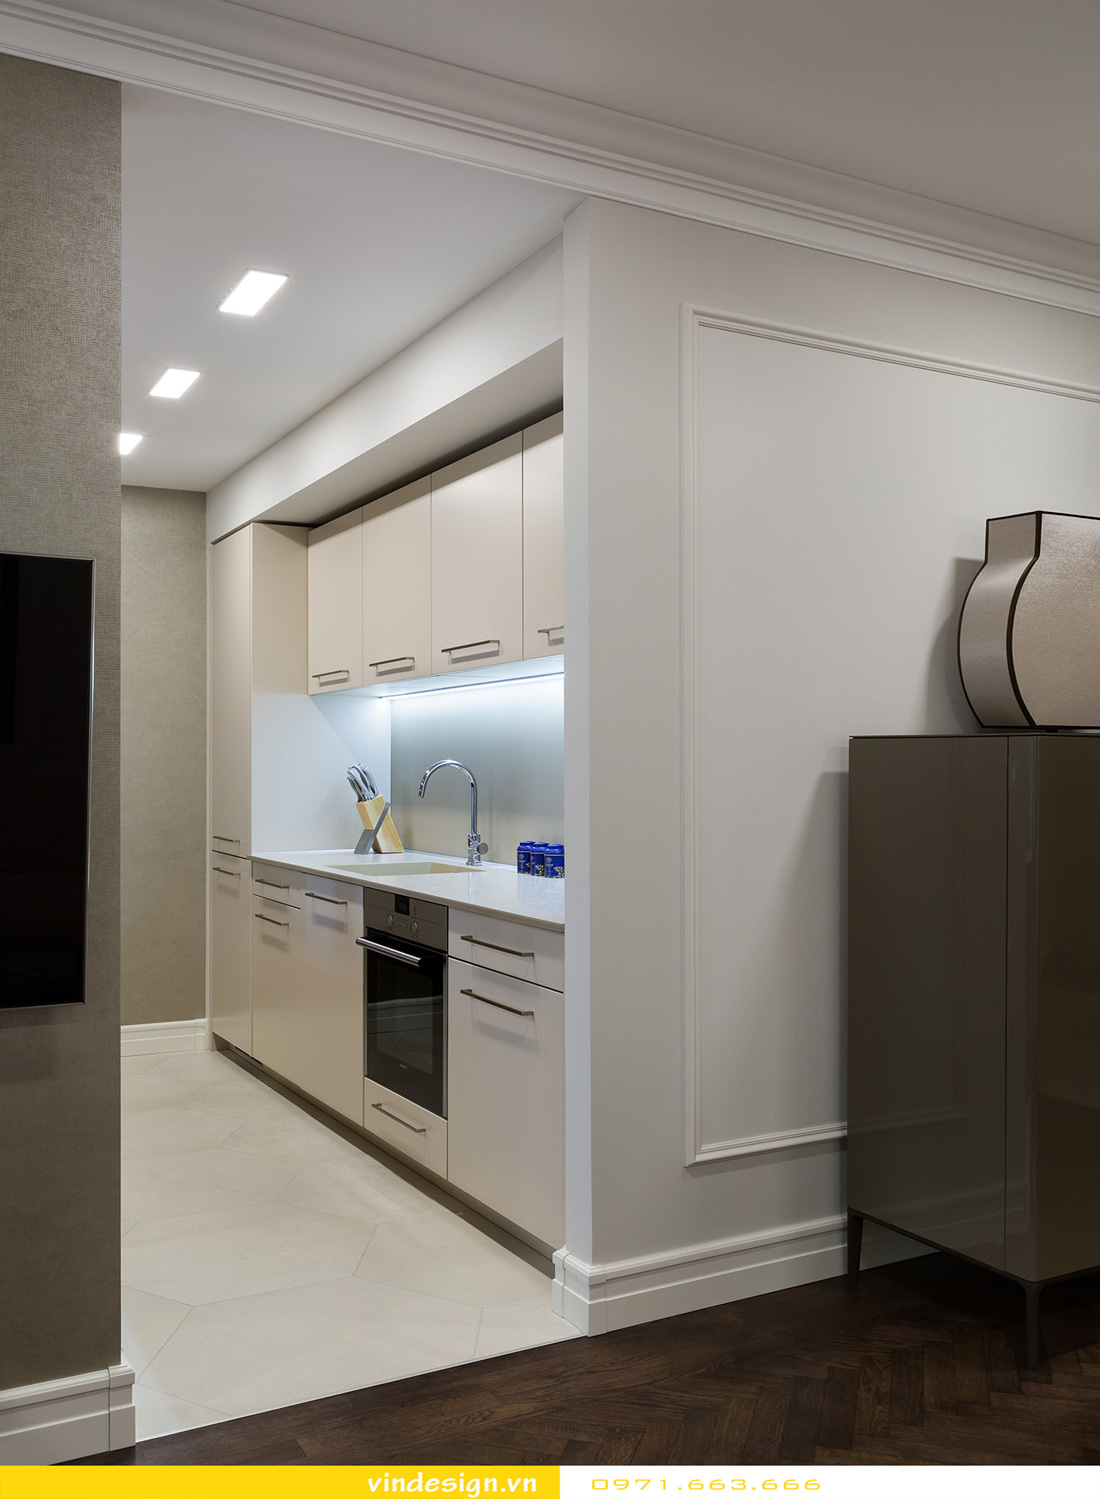 nội thất chung cư Sky Lake mẫu thiết kế căn hộ đẹp hiện đại 04